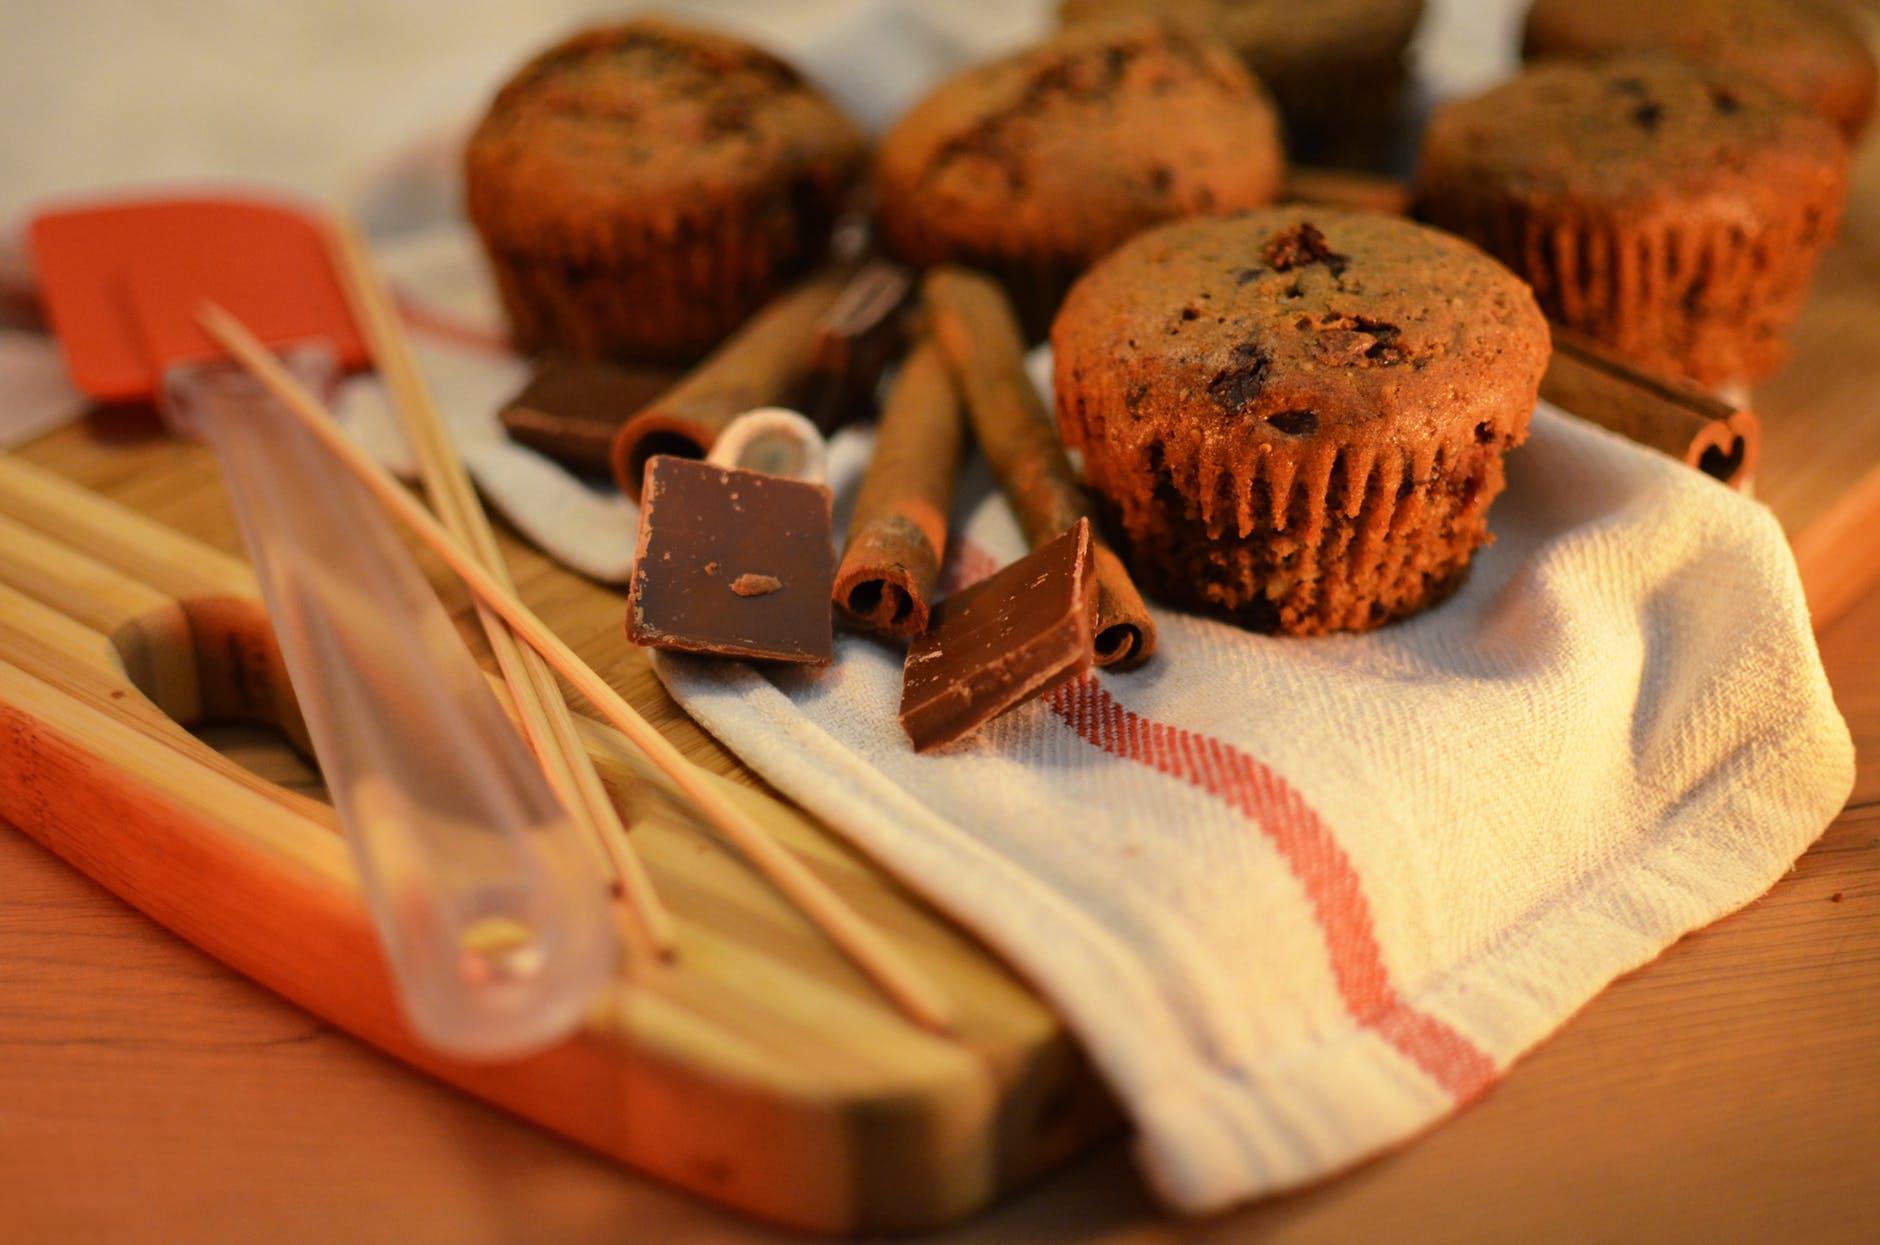 food-chocolate-sweet-cookies.jpg